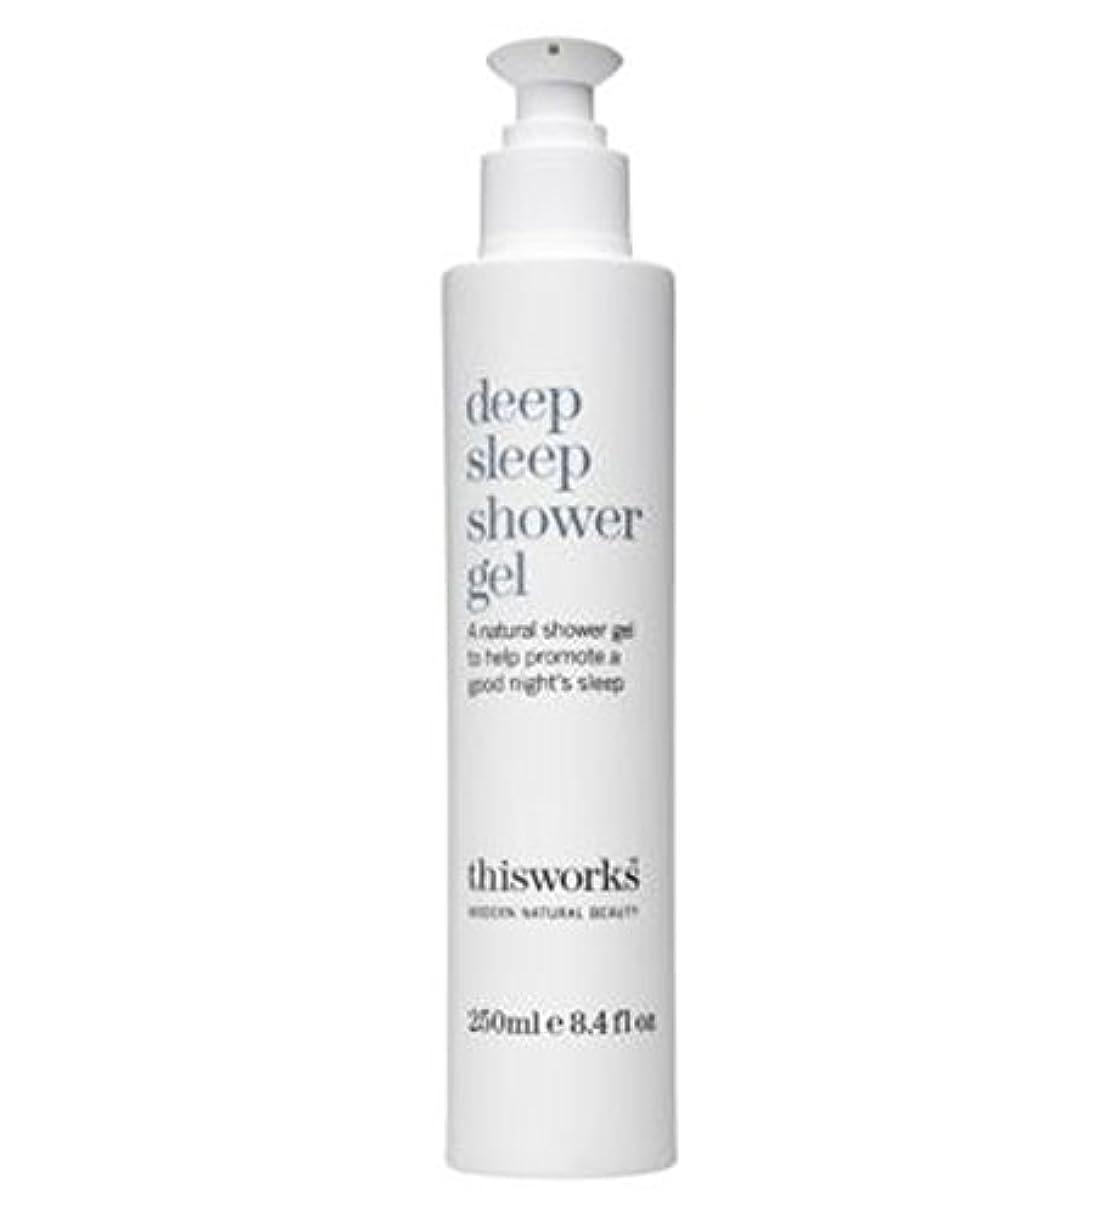 塩不満瞳これは、深い眠りシャワージェル250ミリリットルの作品 (This Works) (x2) - this works deep sleep shower gel 250ml (Pack of 2) [並行輸入品]